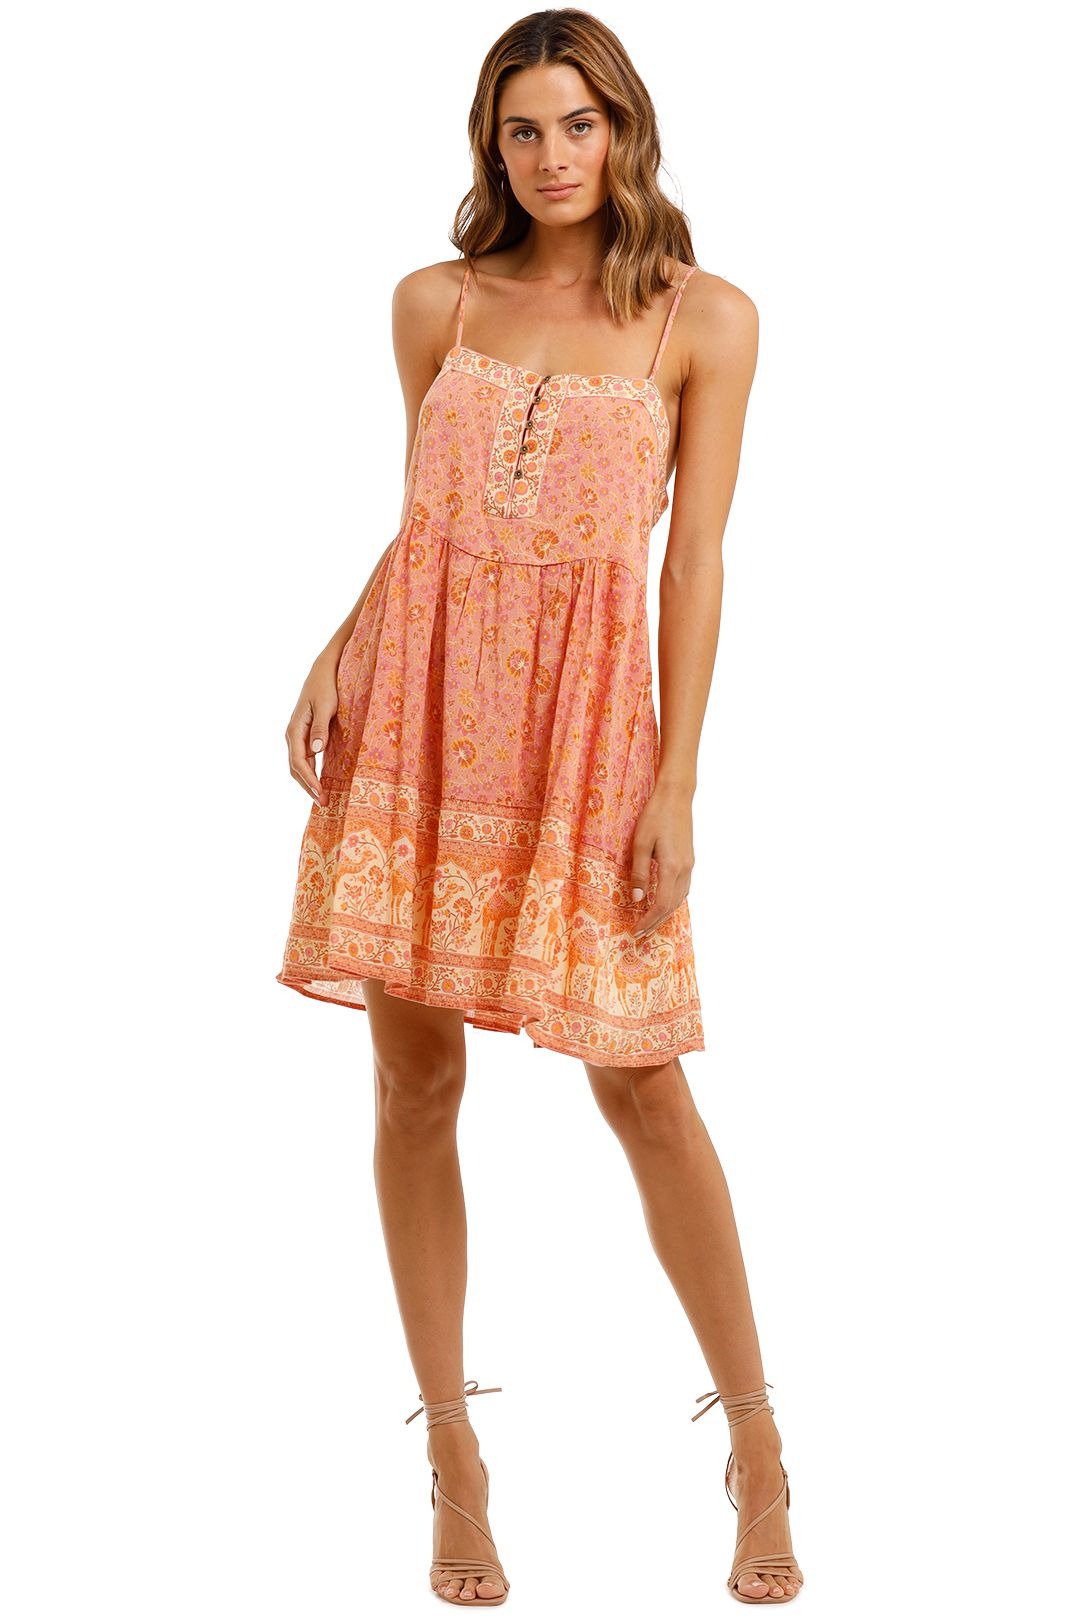 Spell Sundown Strappy Mini Dress Apricot Spaghetti Strap